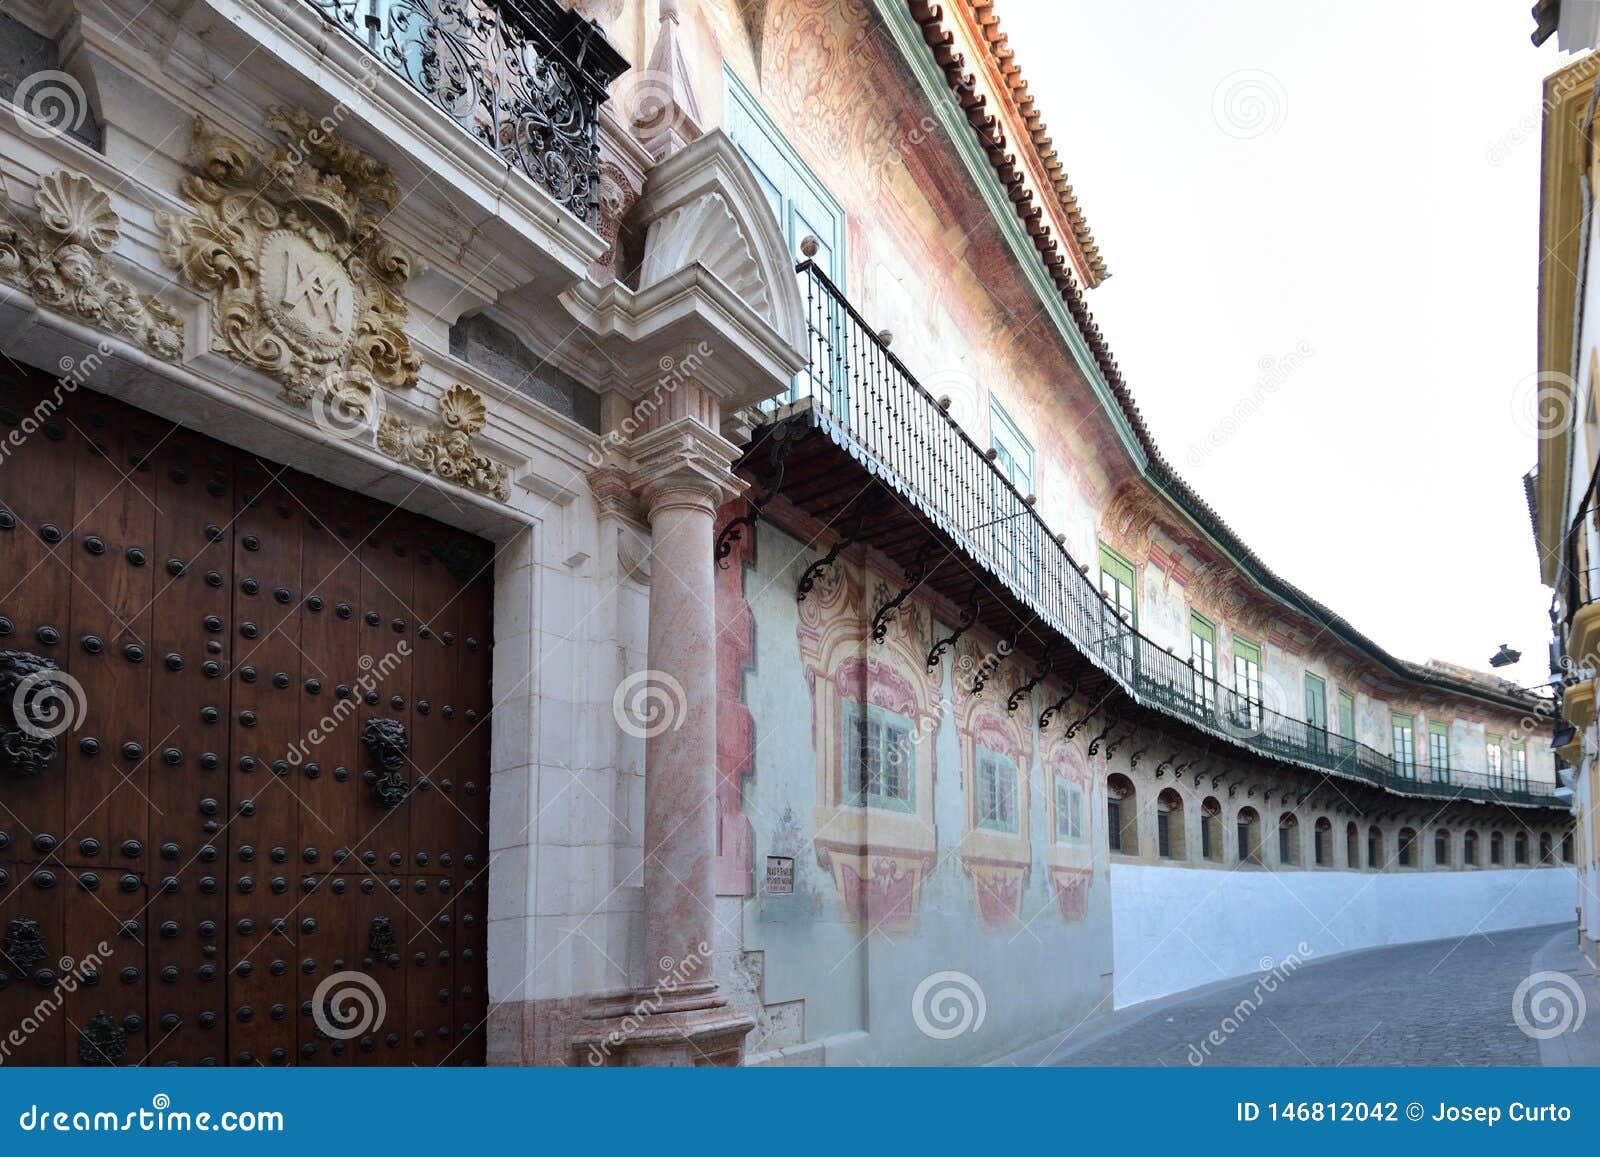 Via di caballeros, palazzo Peñaflor, Ecija, provincia di Sevilla, Andalusia, Spagna